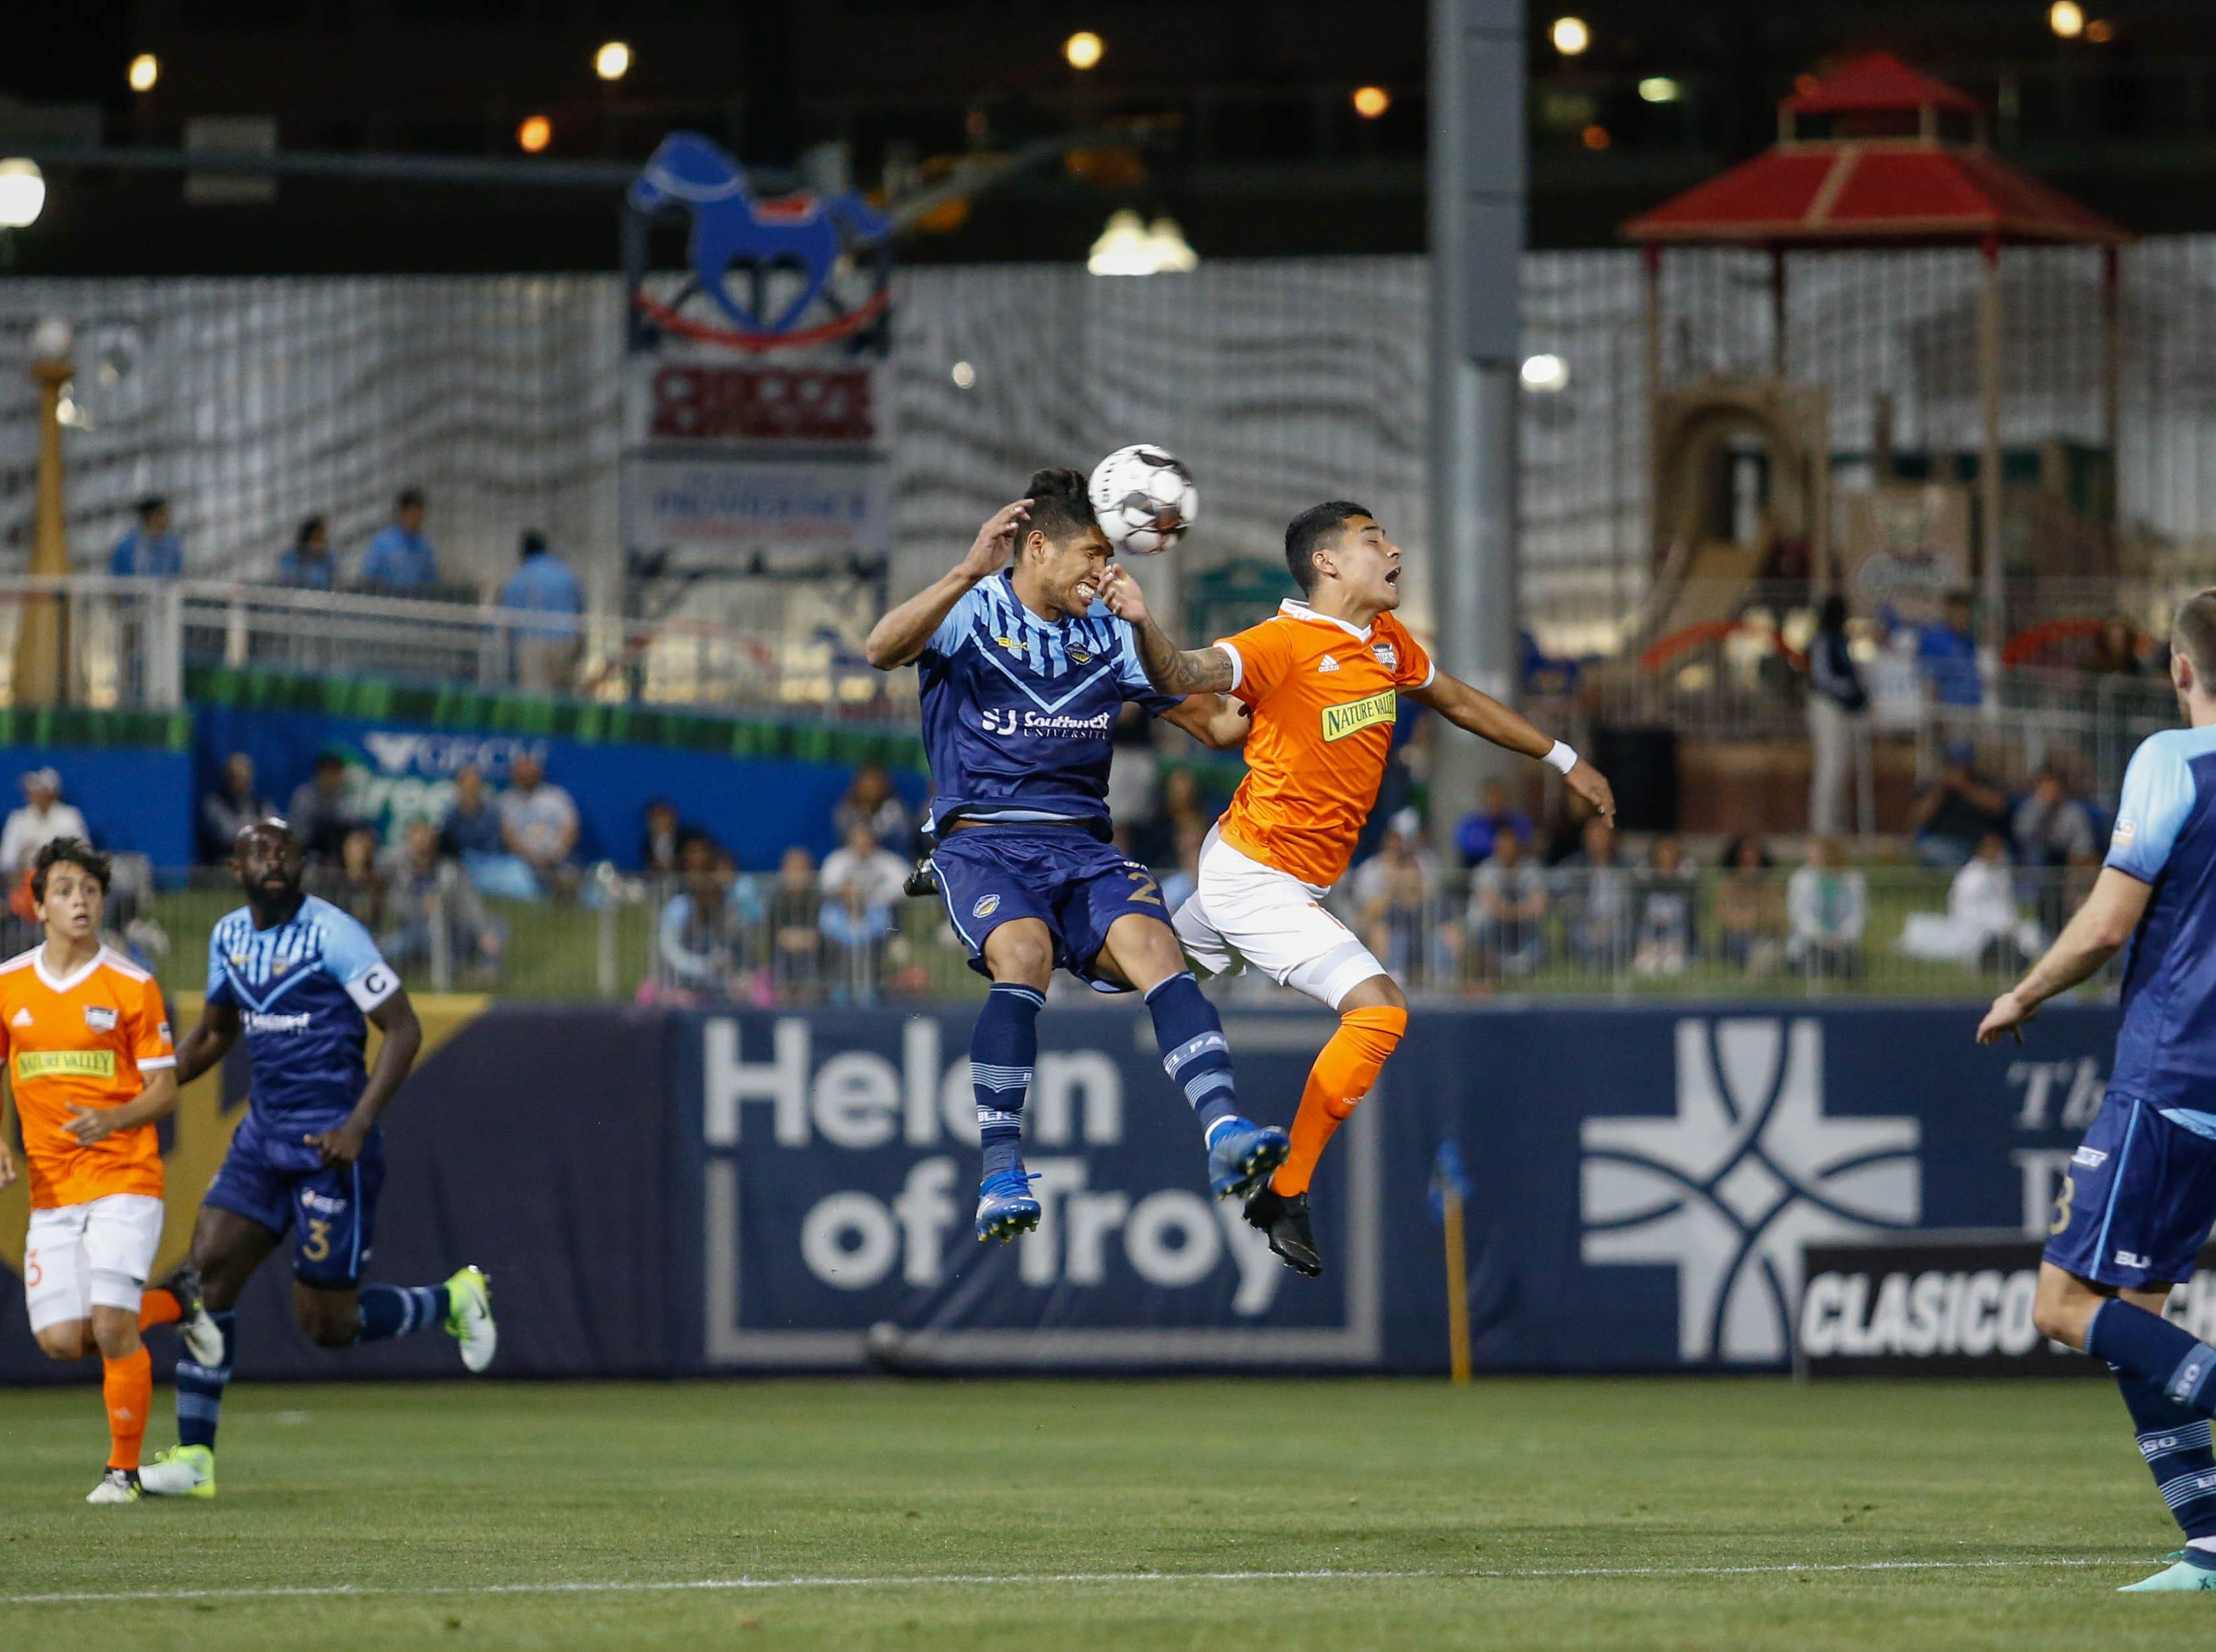 El Paso Locomotive Bryam Rebellon challenges a Rio Grande Valley defender for the ball.